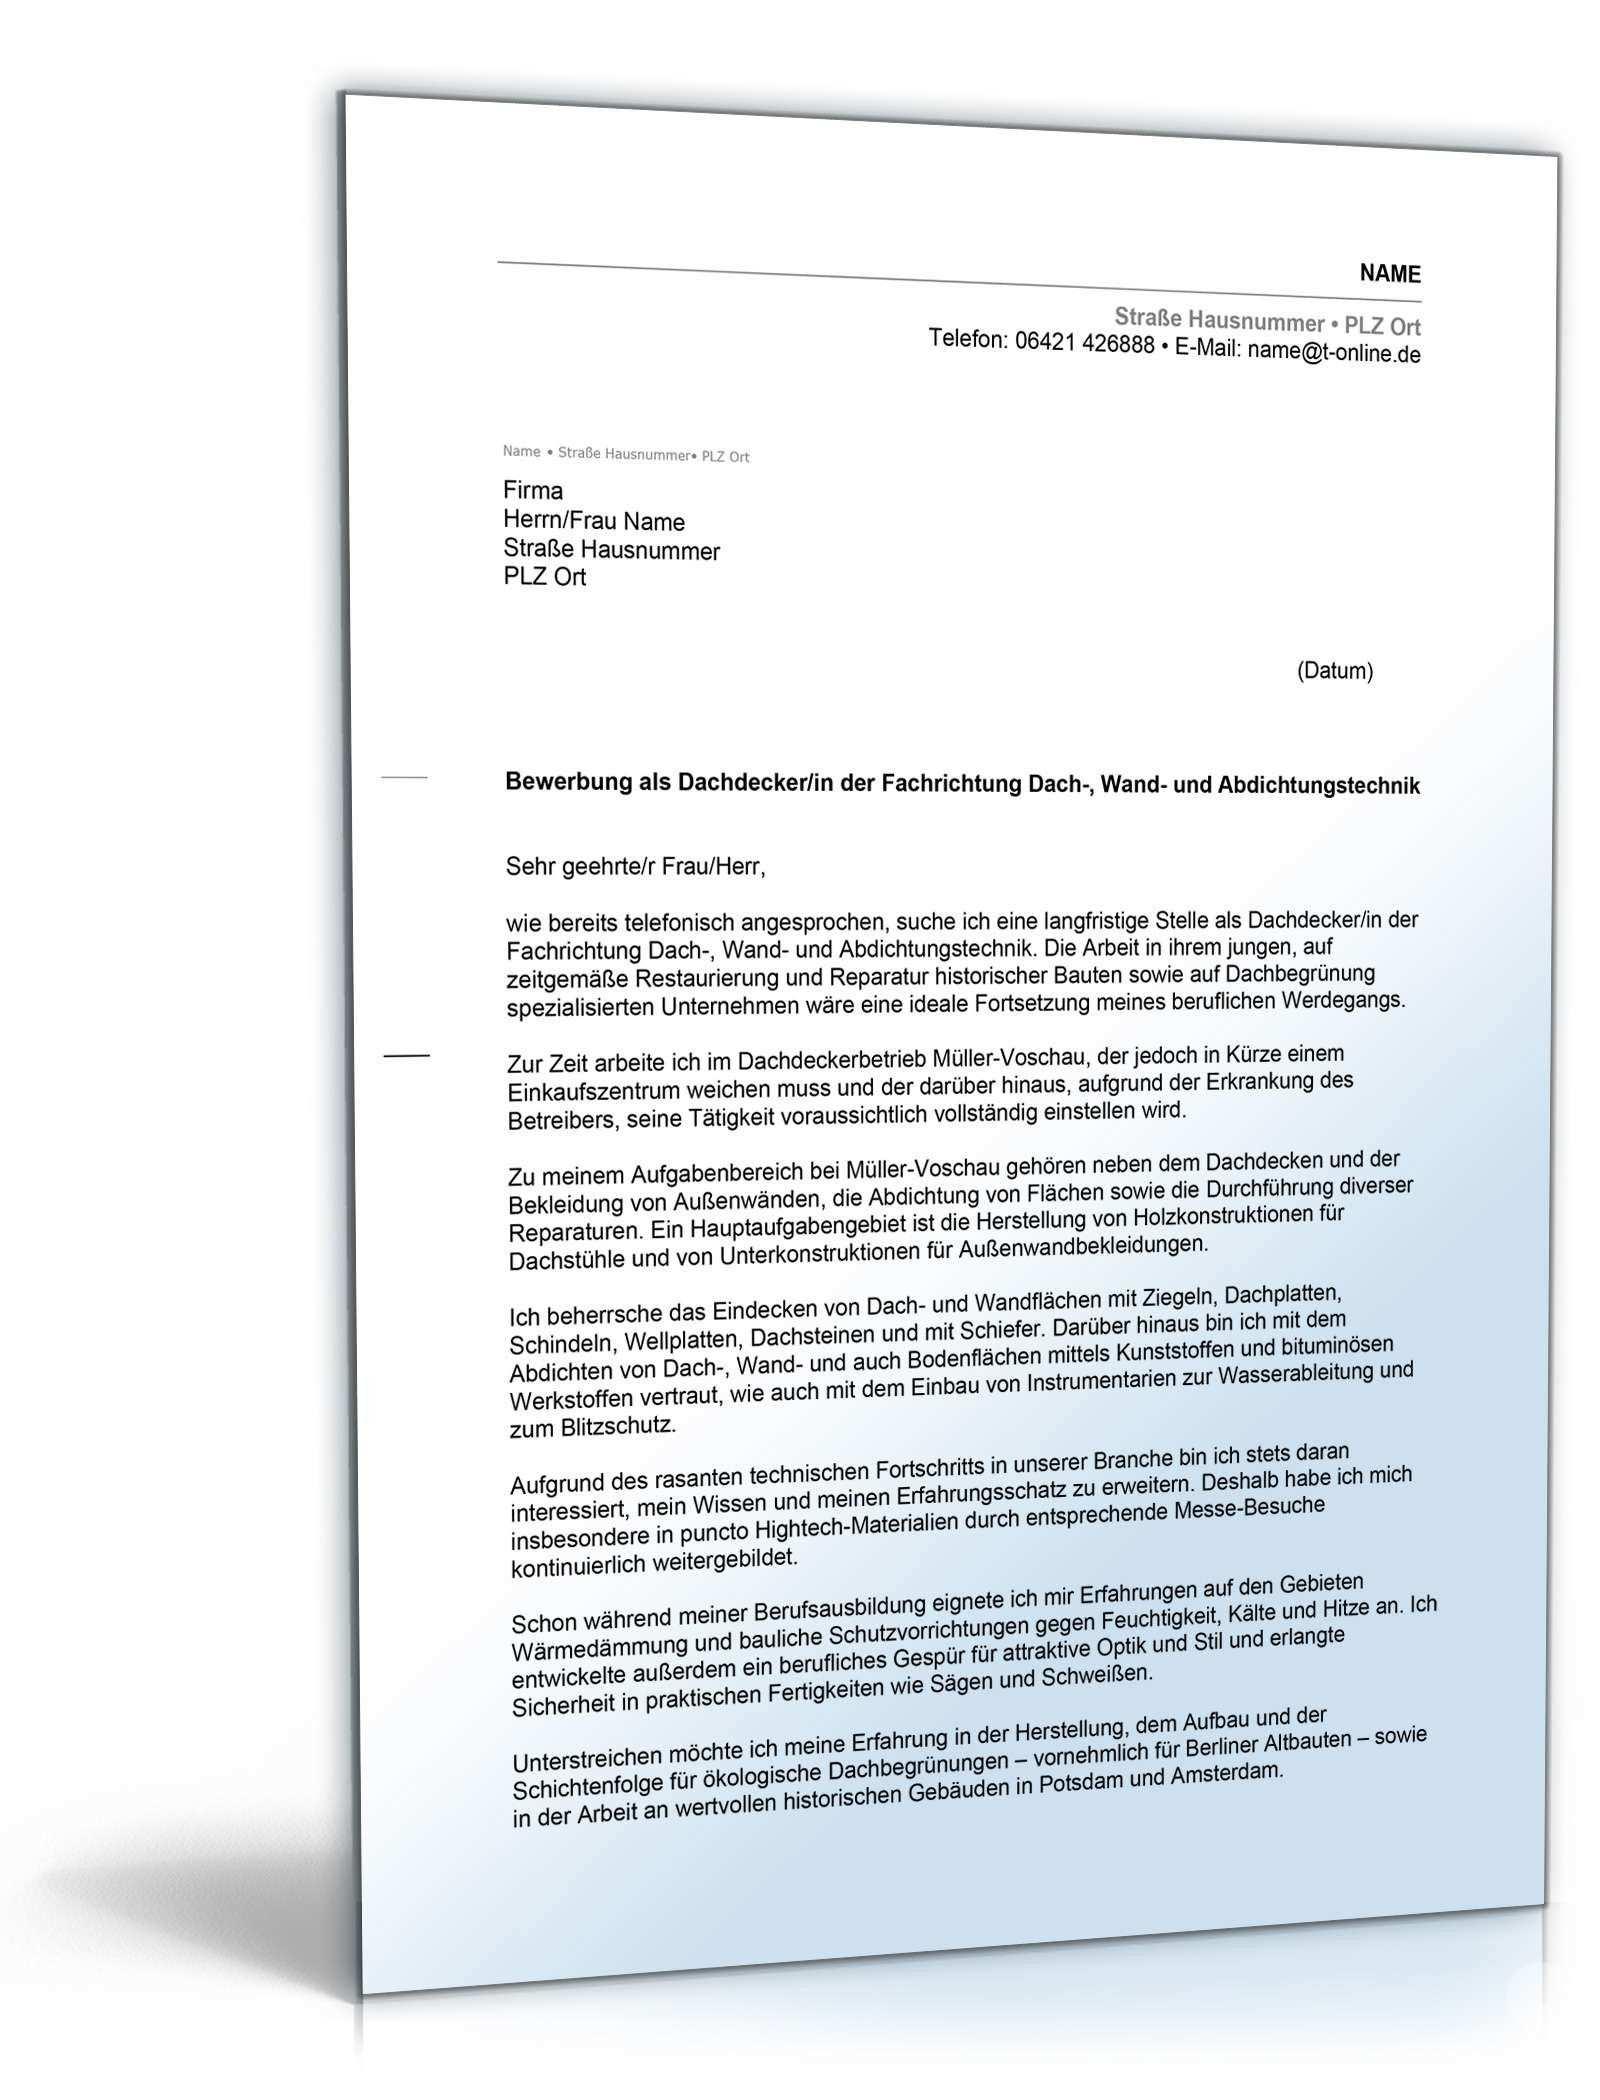 Einzigartig Bewerbung Dachdecker Briefprobe Briefformat Briefvorlage Lebenslauf Vorlagen Lebenslauf Bewerbung